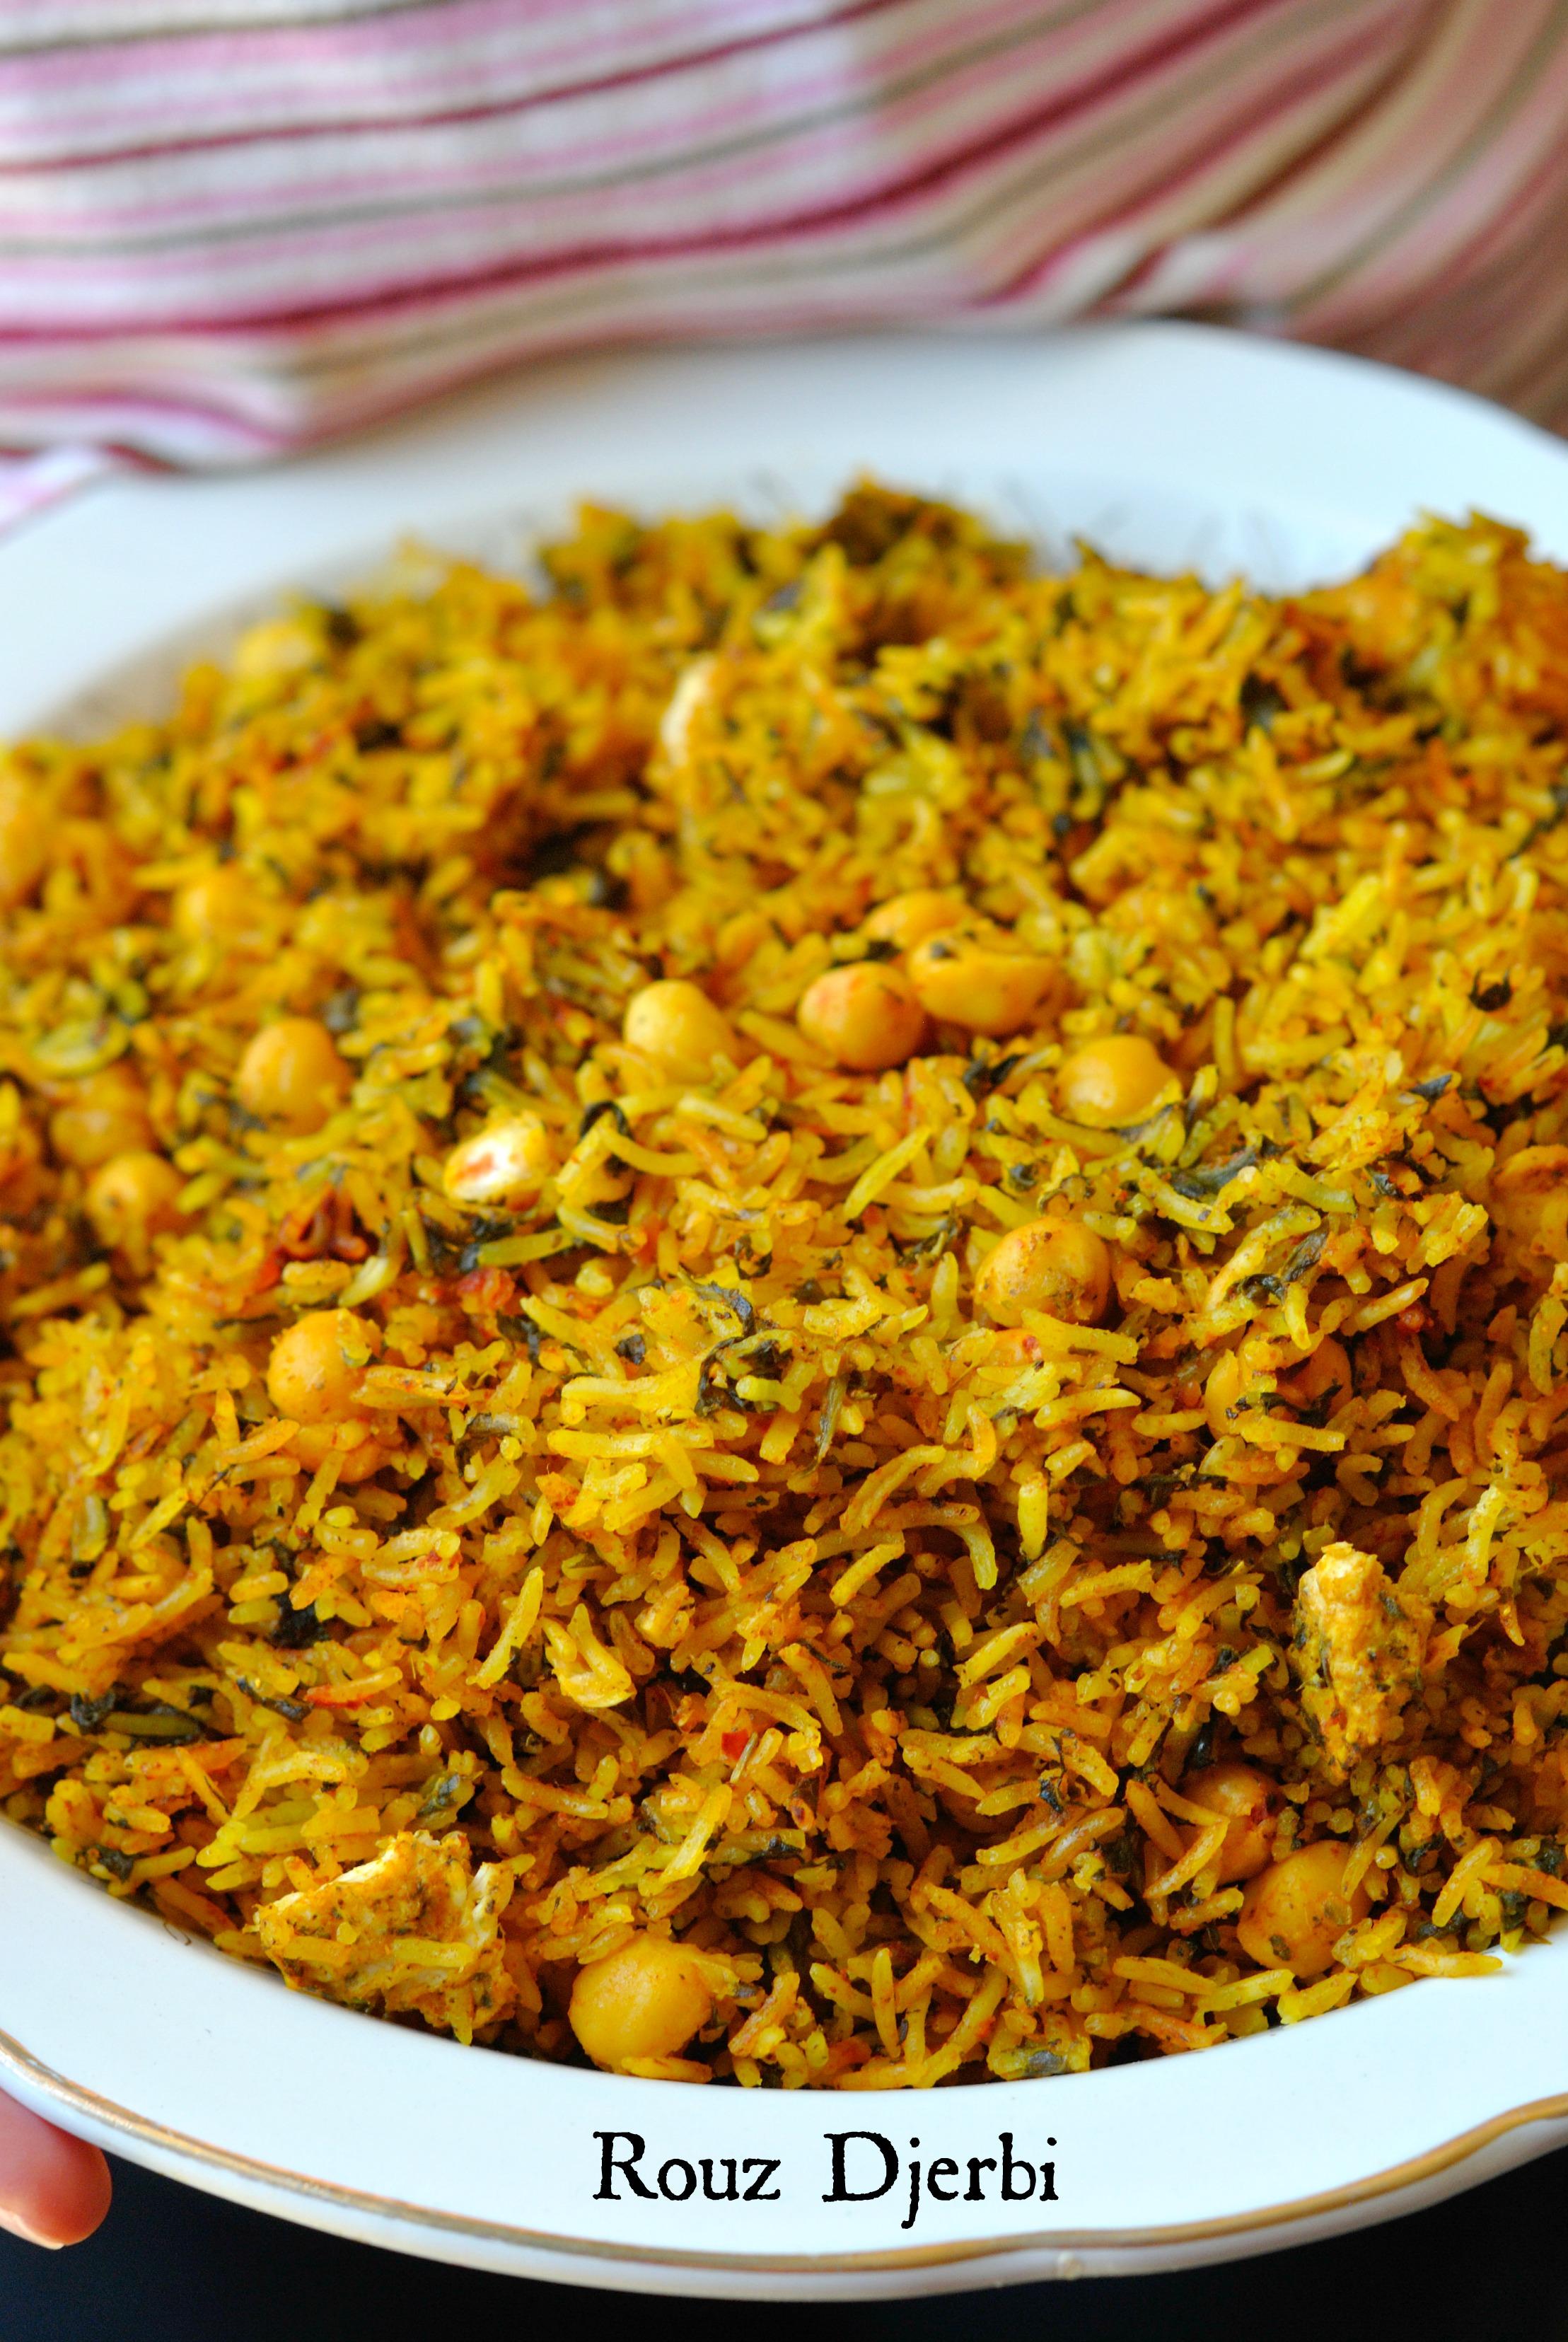 Rouz djerbi riz tunisien epic la vapeur the heart in the stomach - Peut on donner du riz cuit aux oiseaux ...